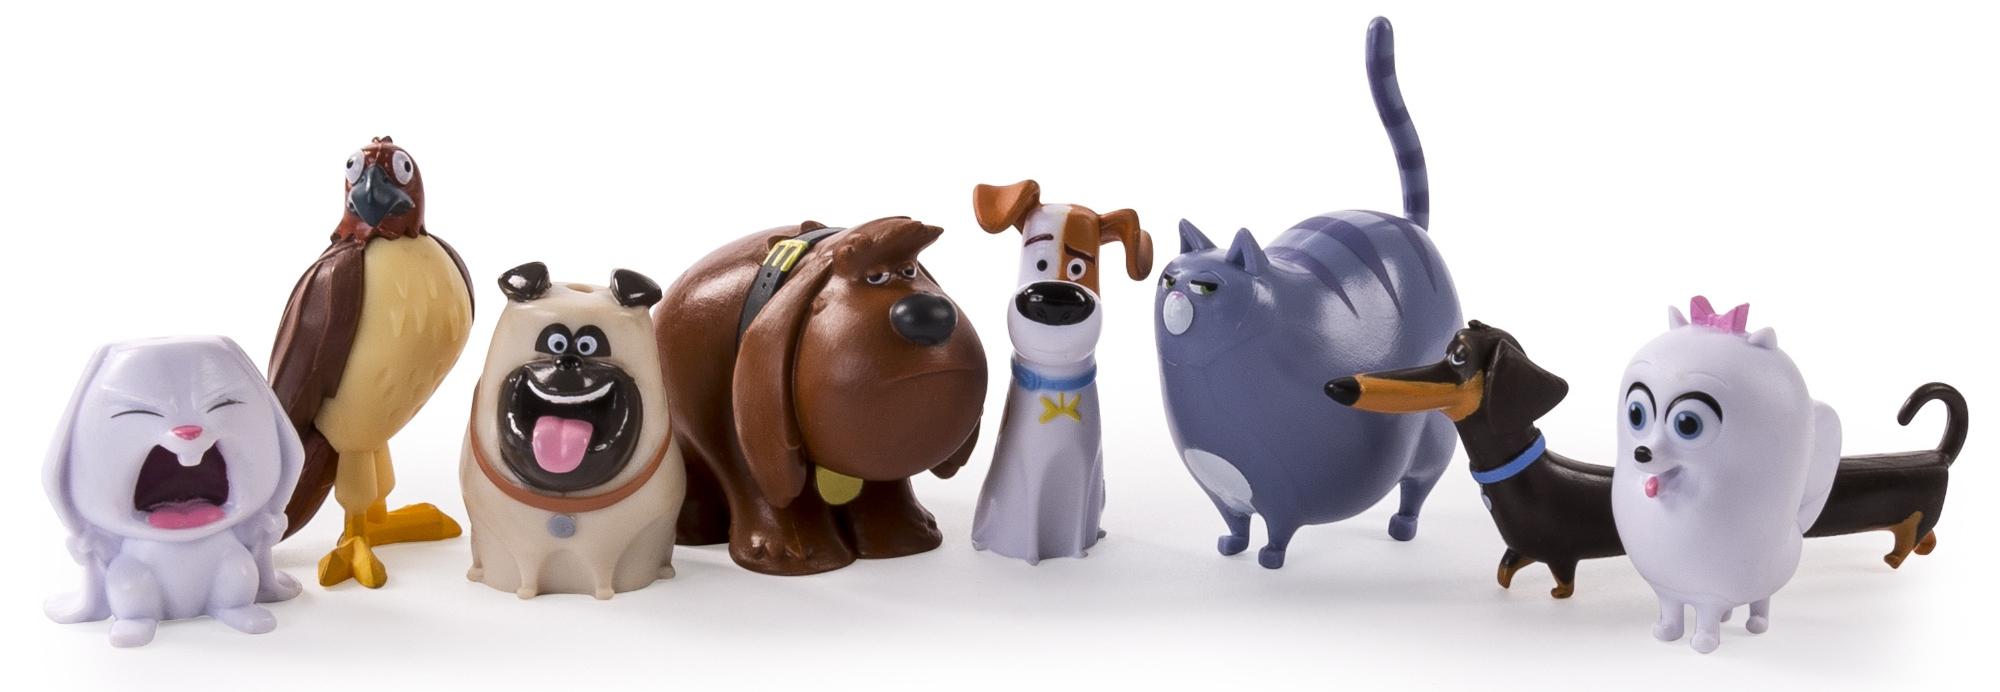 Купить Фигурки героев мультфильмов, 72807 Тайная жизнь домашних животных, Secret Life of Pets, Китай, Мультиколор